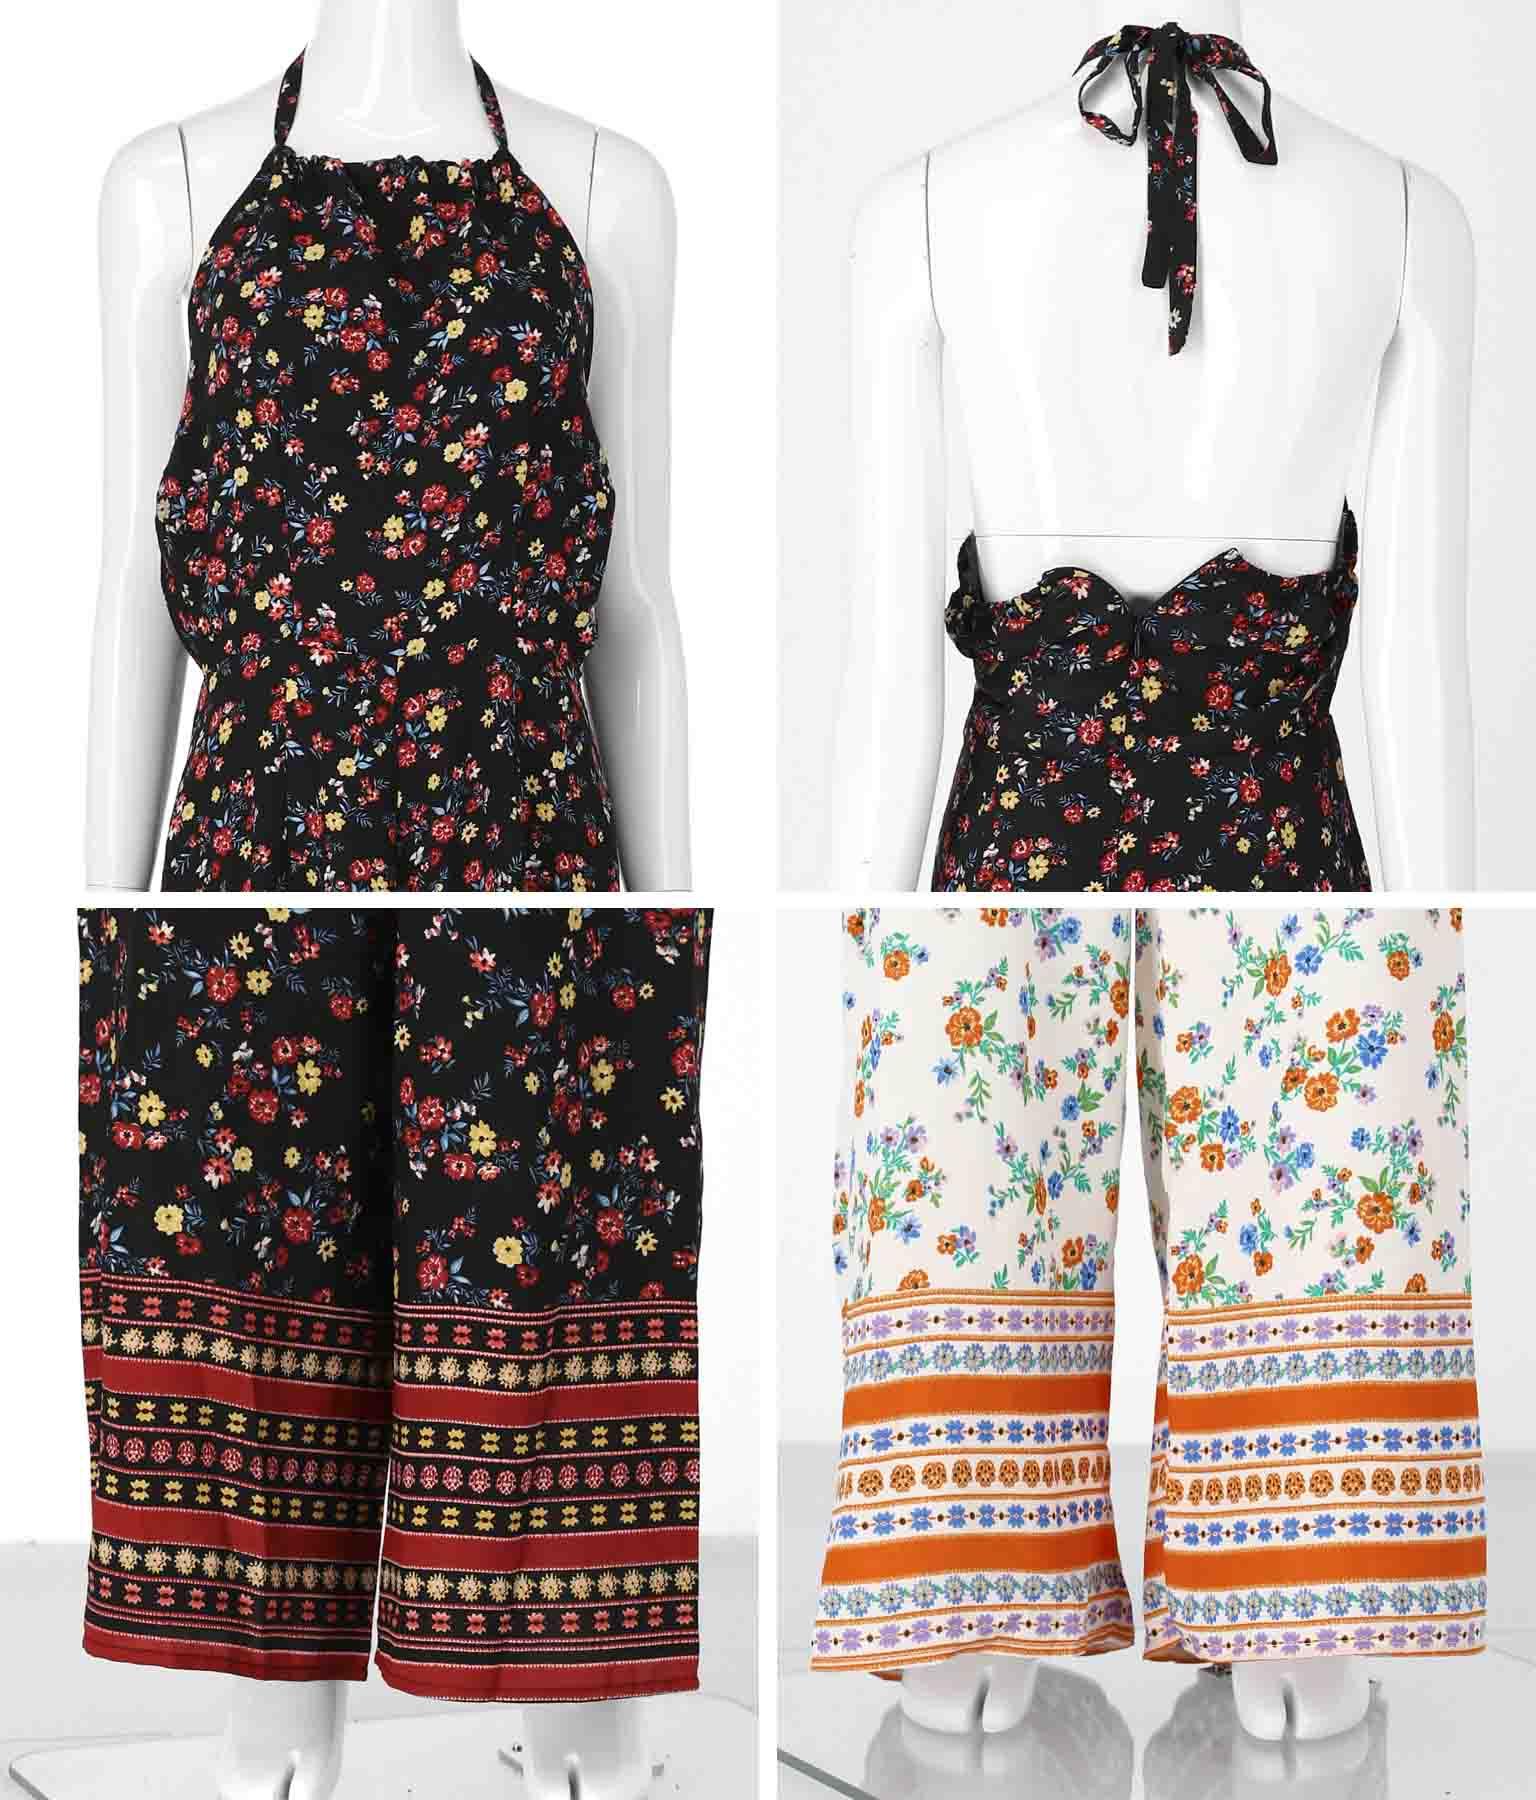 フラワーアメスリオールインワン(ワンピース・ドレス/サロペット/オールインワン)   Anap USA